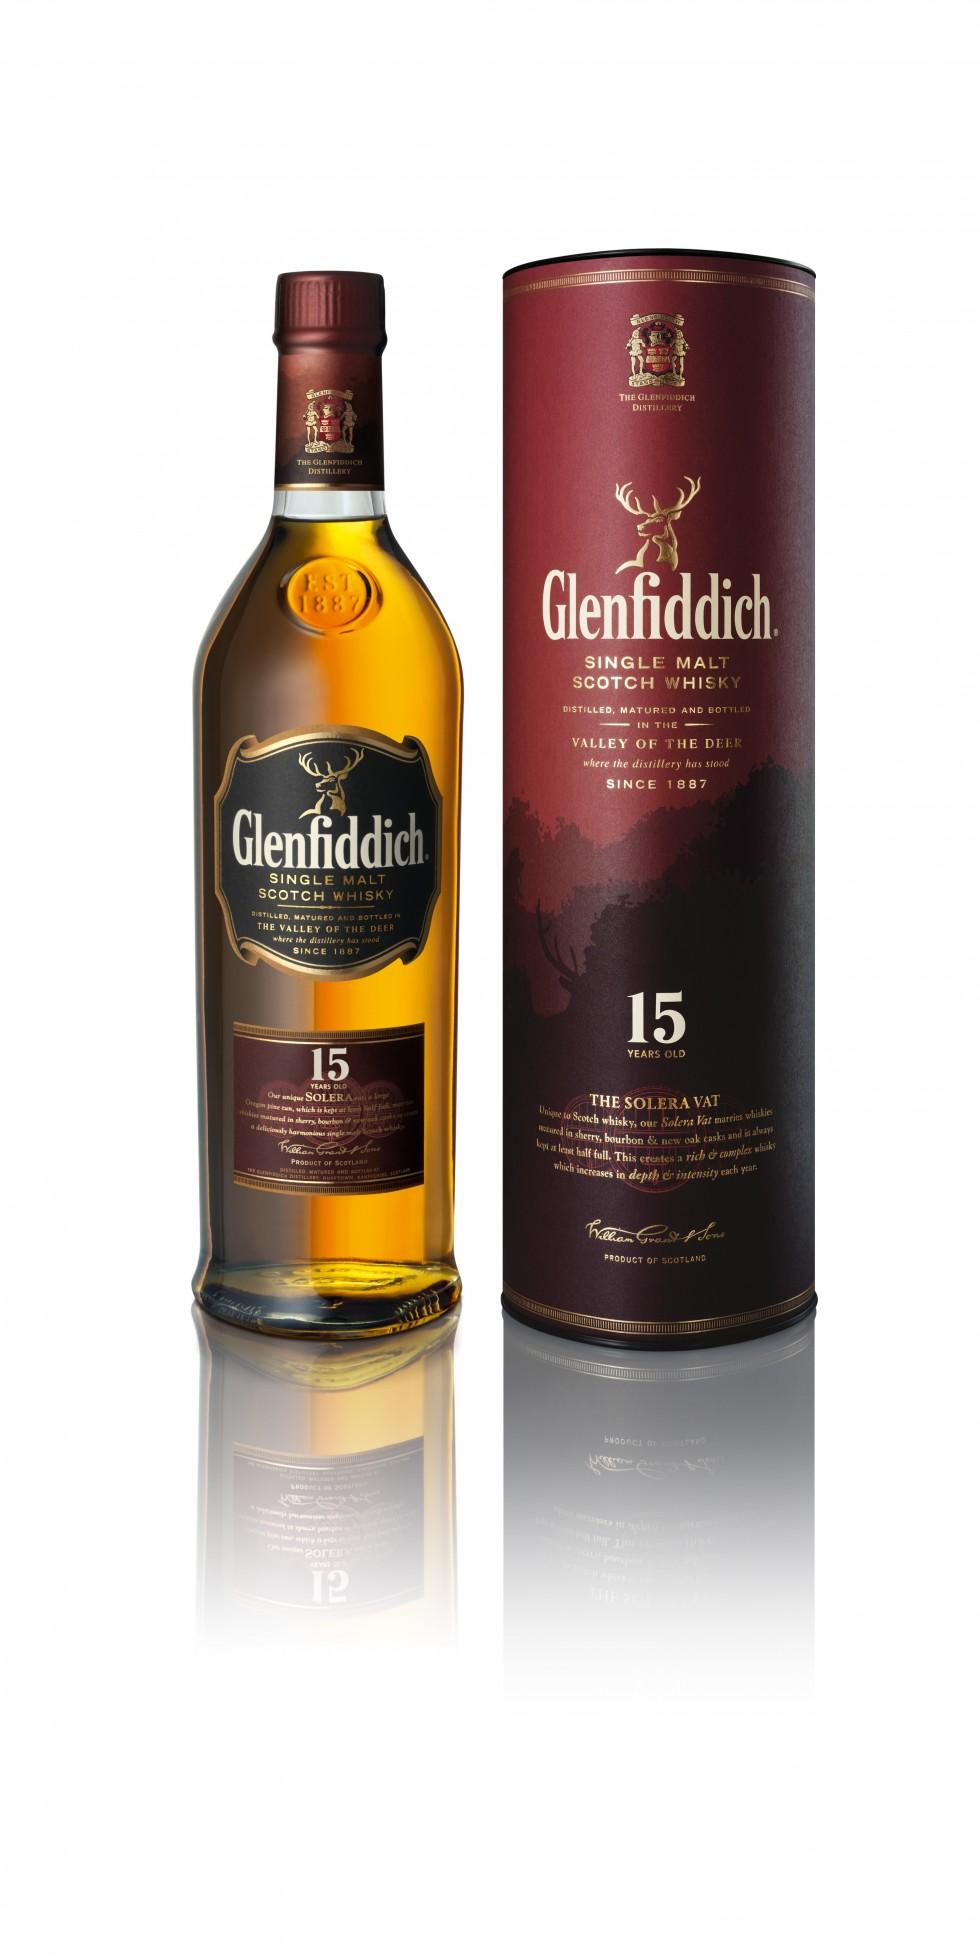 Glenfiddich_8328_Original-1